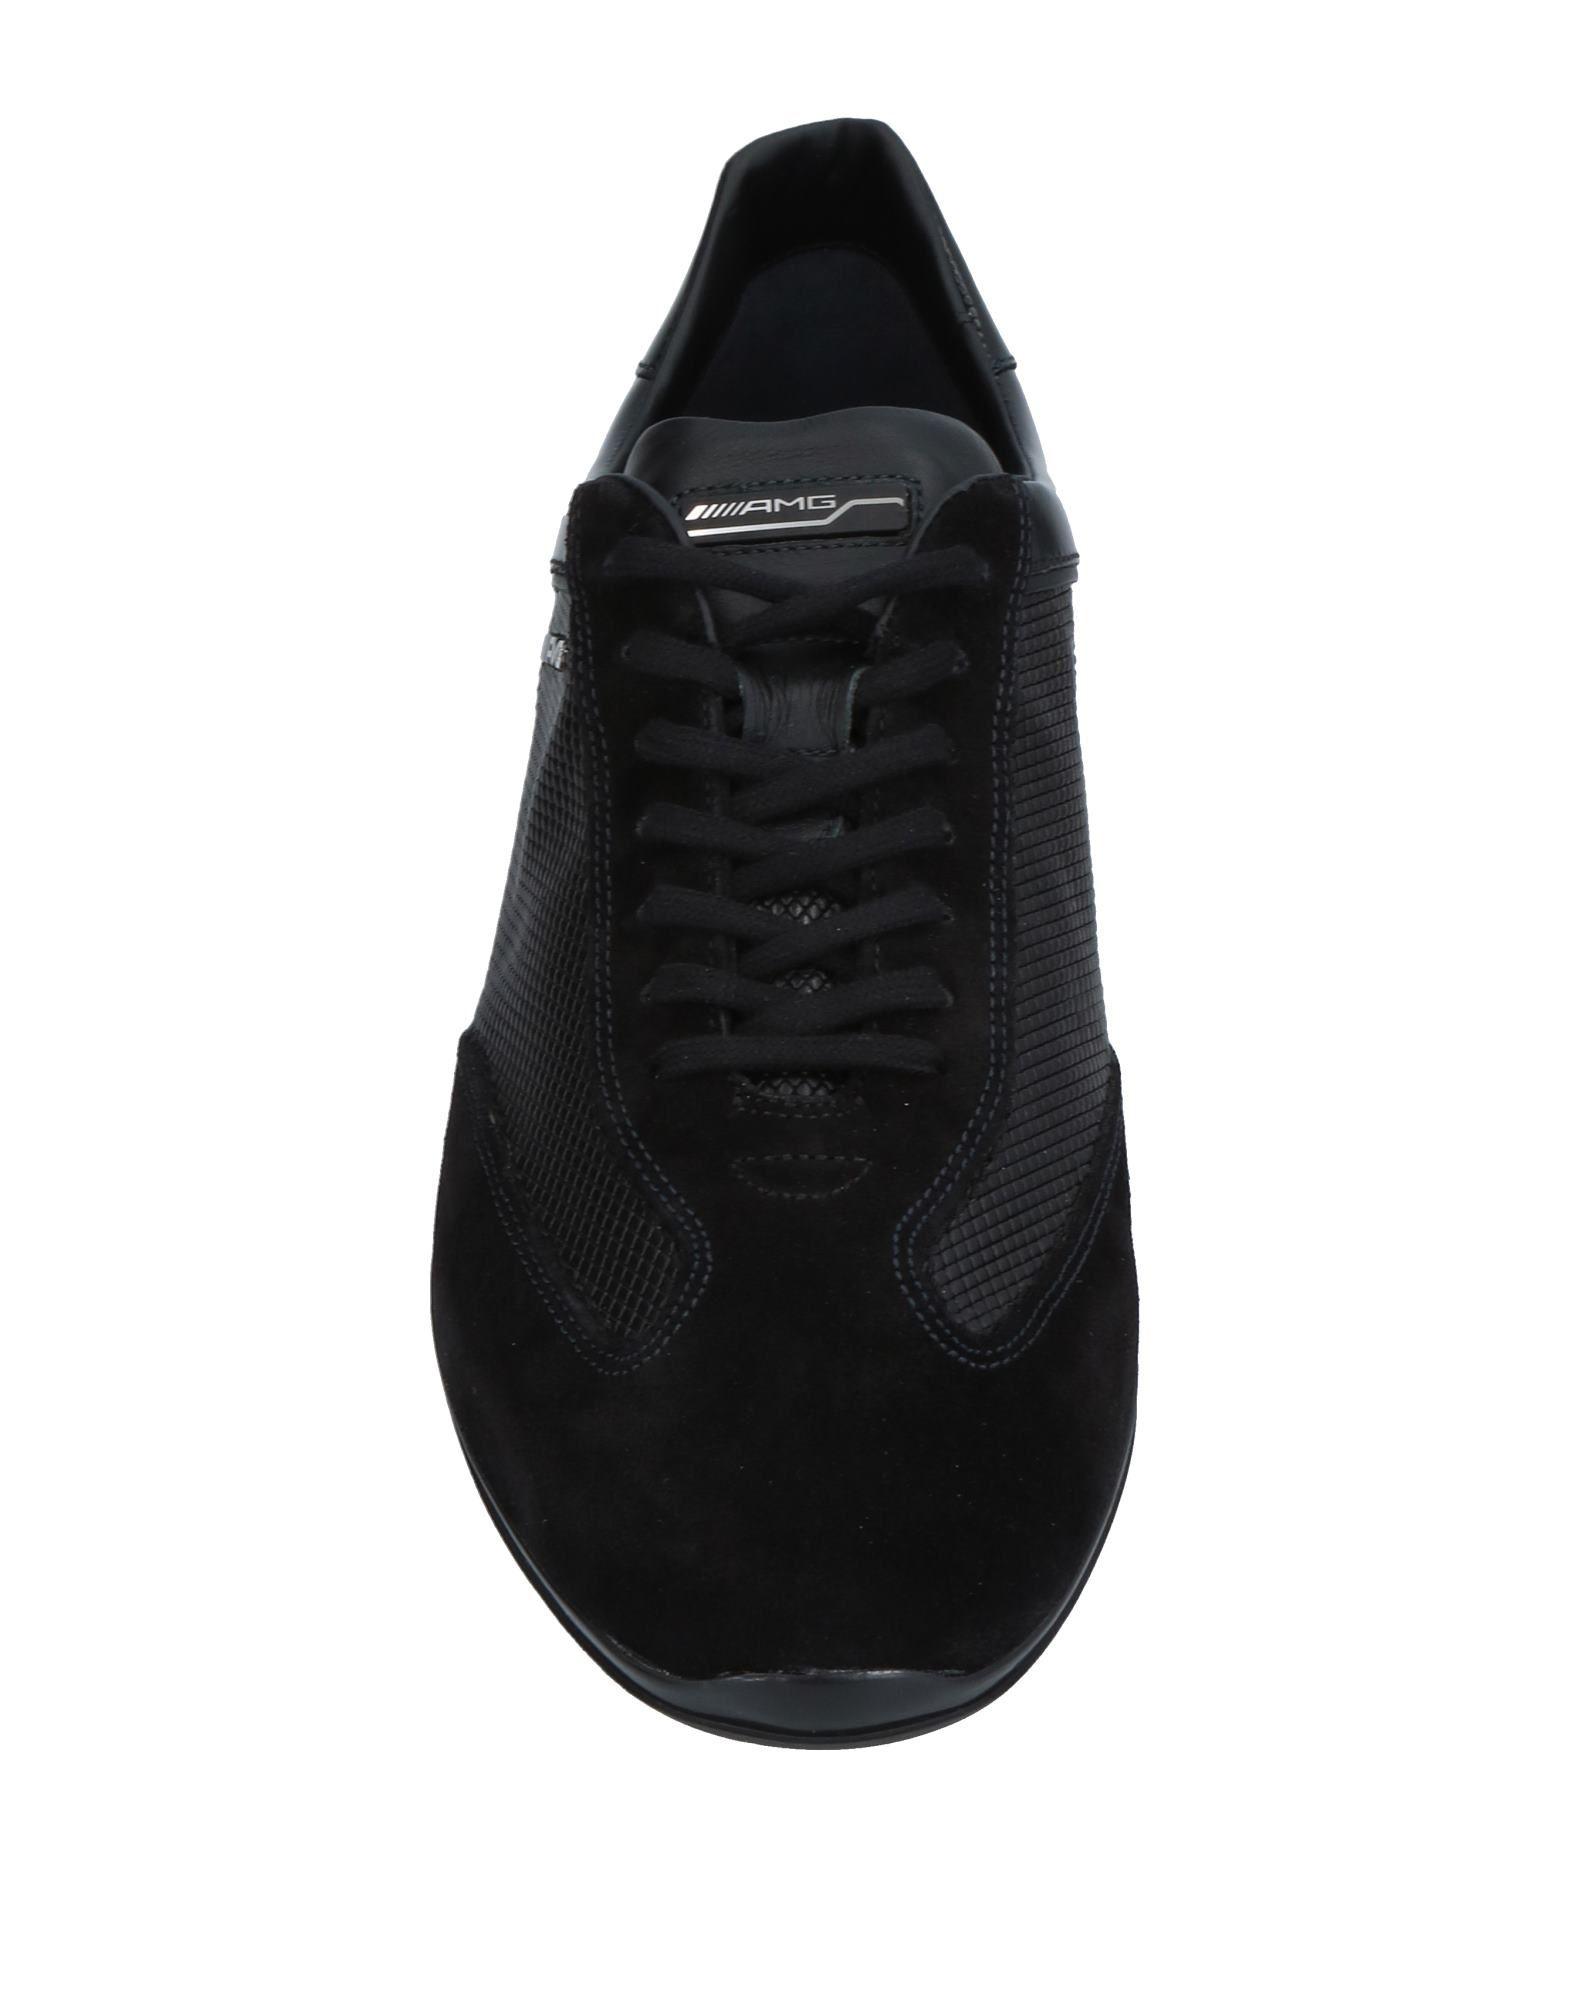 Santoni Sneakers Gute Herren  11410219HK Gute Sneakers Qualität beliebte Schuhe 091ad0